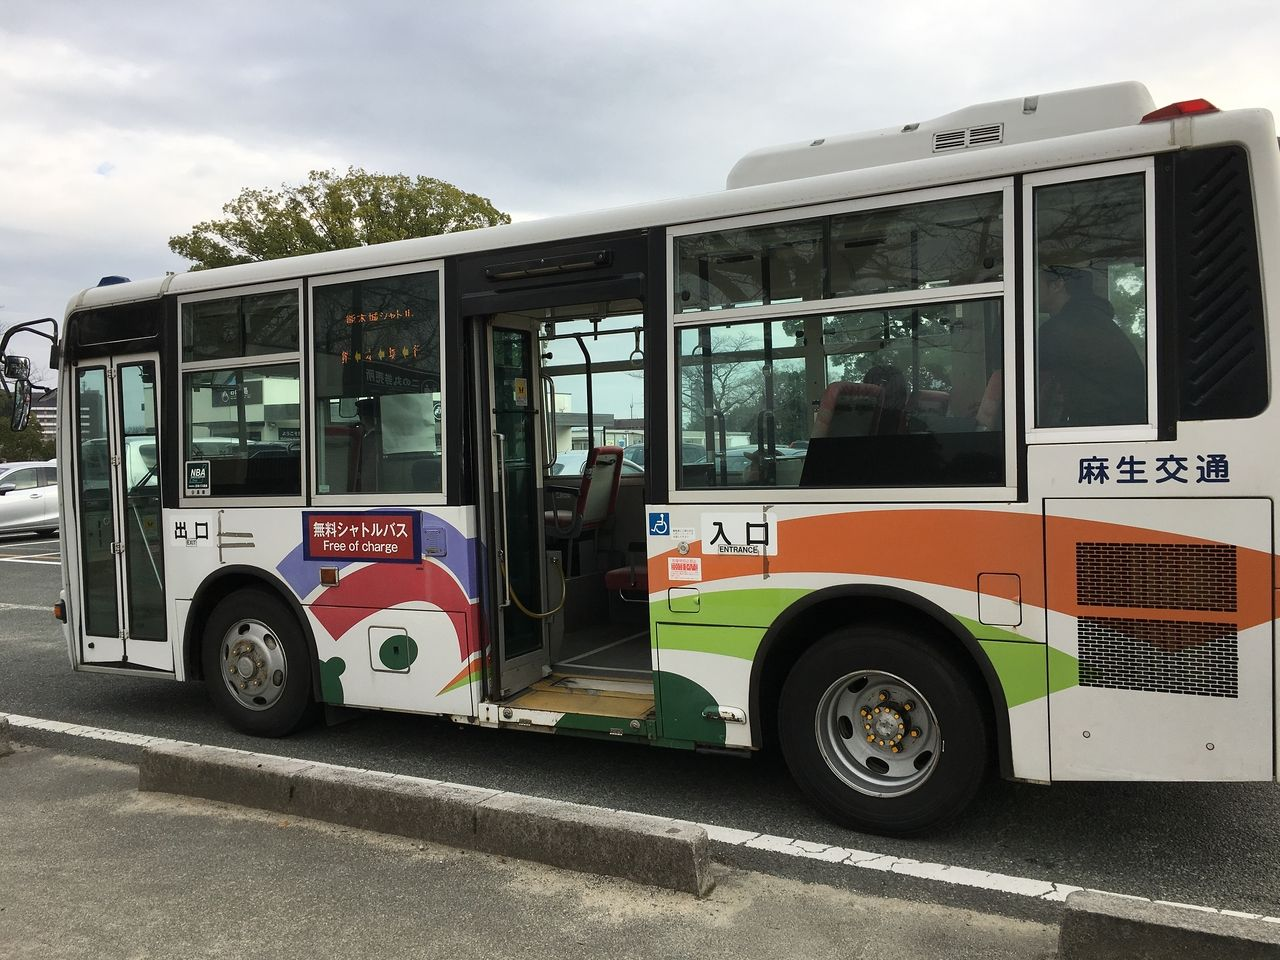 熊本城二の丸駐車場にも停車する無料シャトルバス